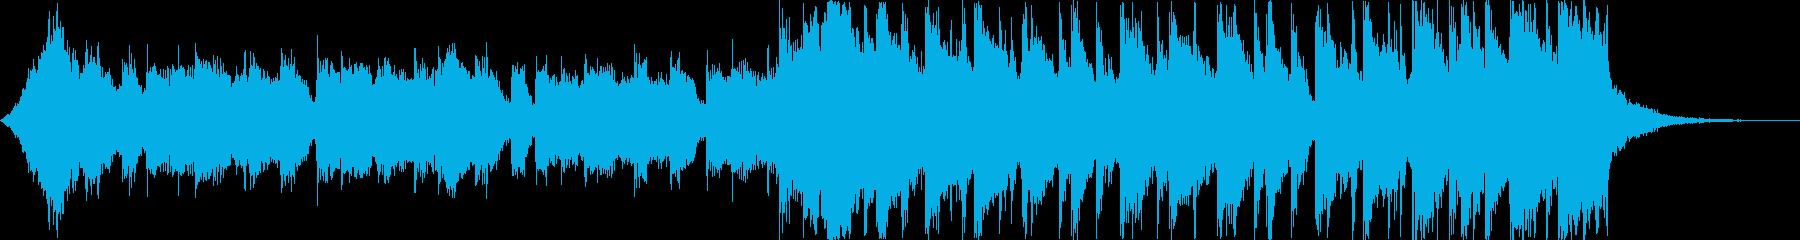 洋楽トラップヒップホップパリピEDMcの再生済みの波形